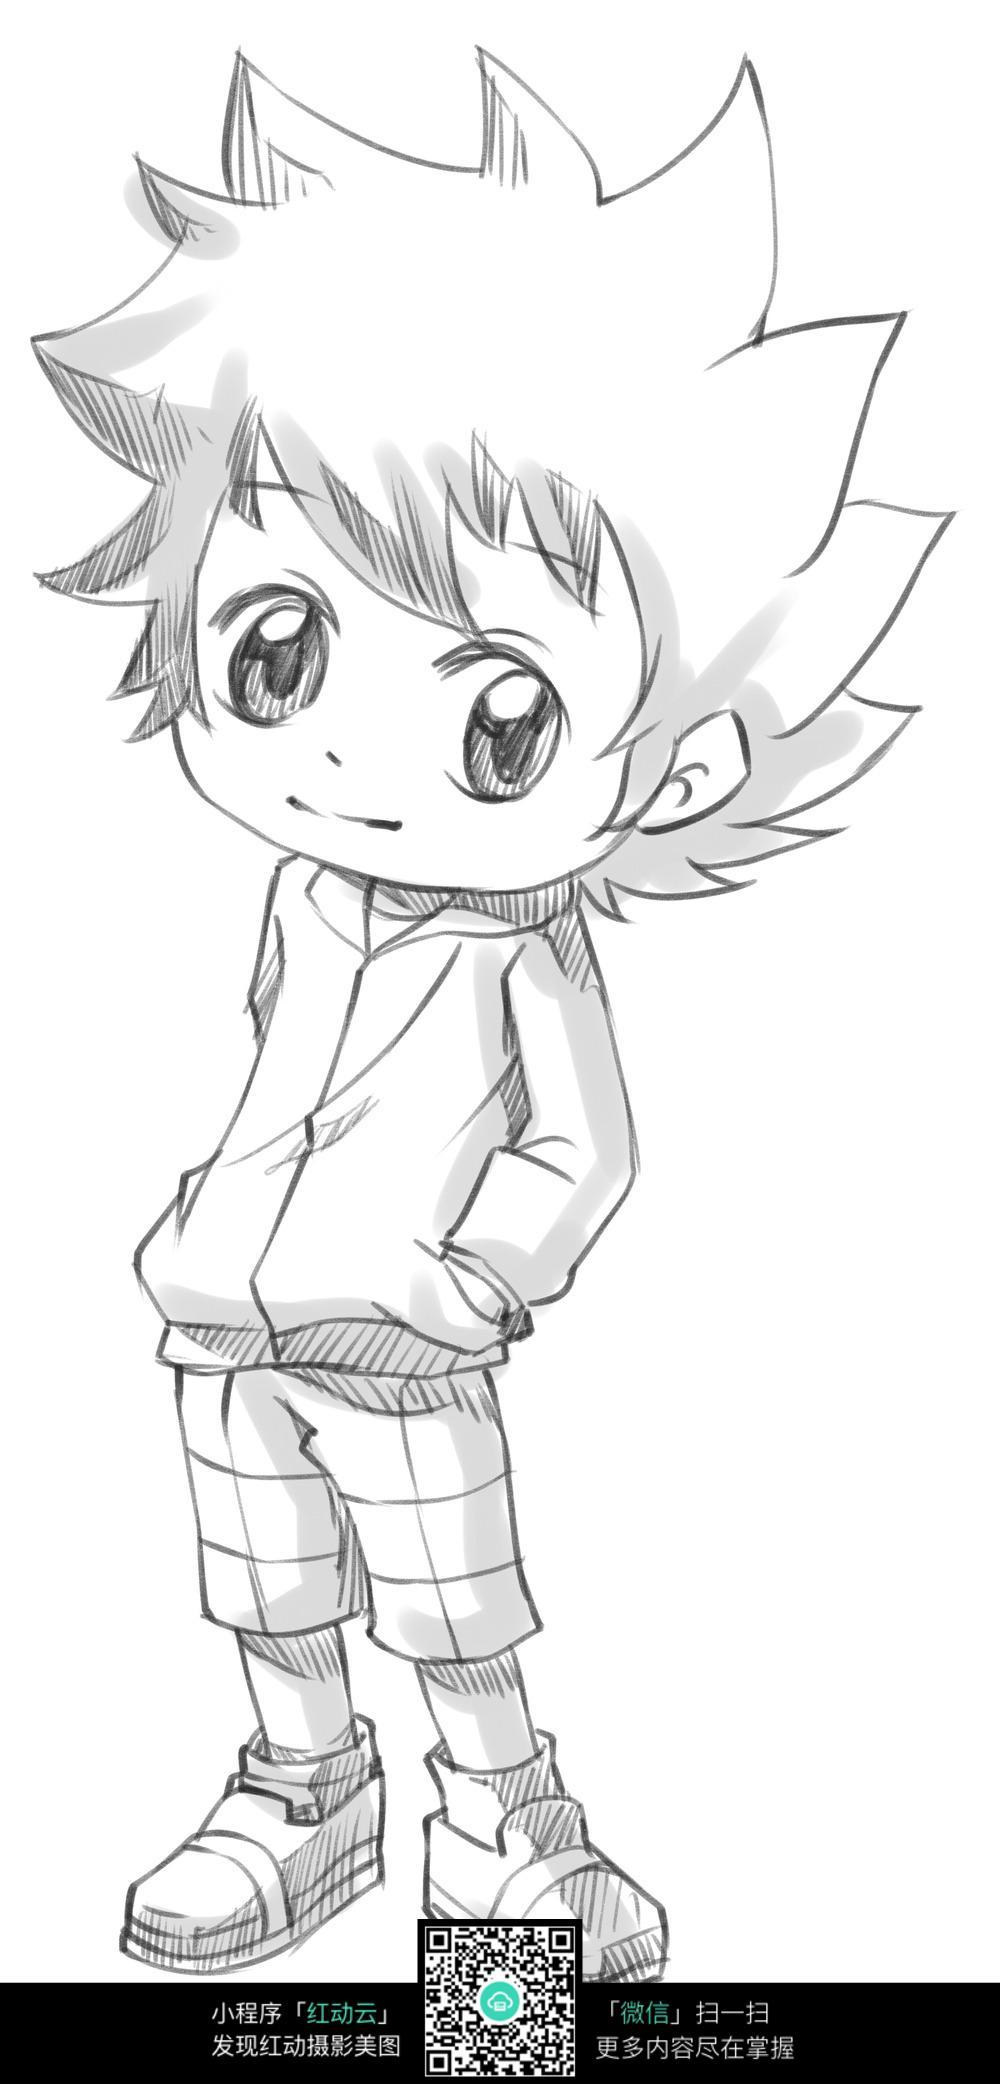 帅气动漫男生手绘稿图片